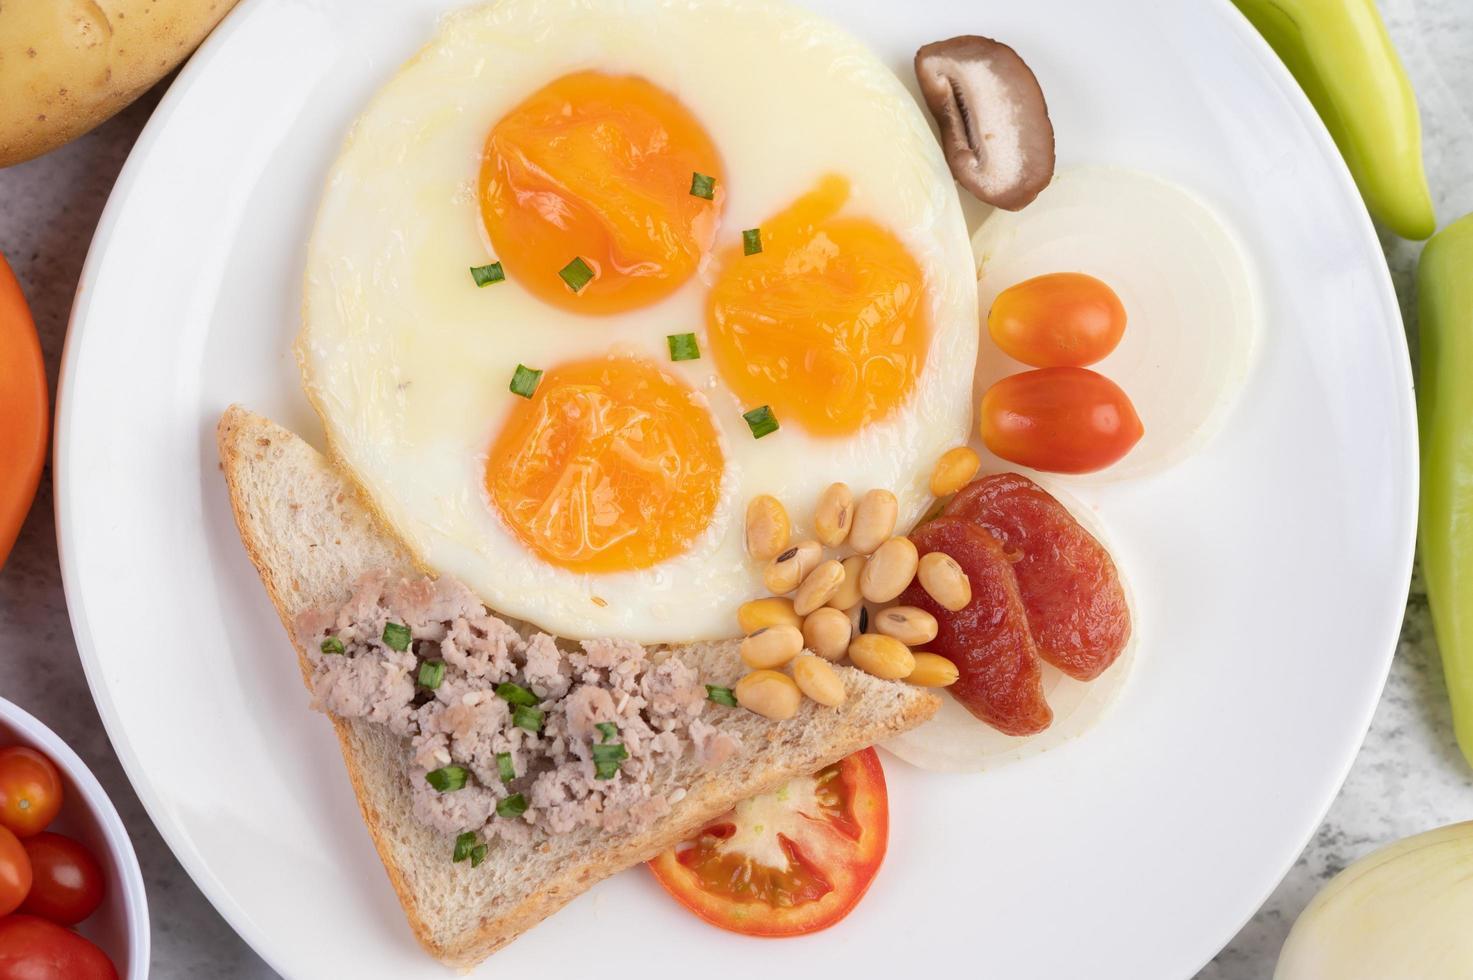 huevos fritos, salchicha, carne de cerdo picada, pan y frijoles rojos foto